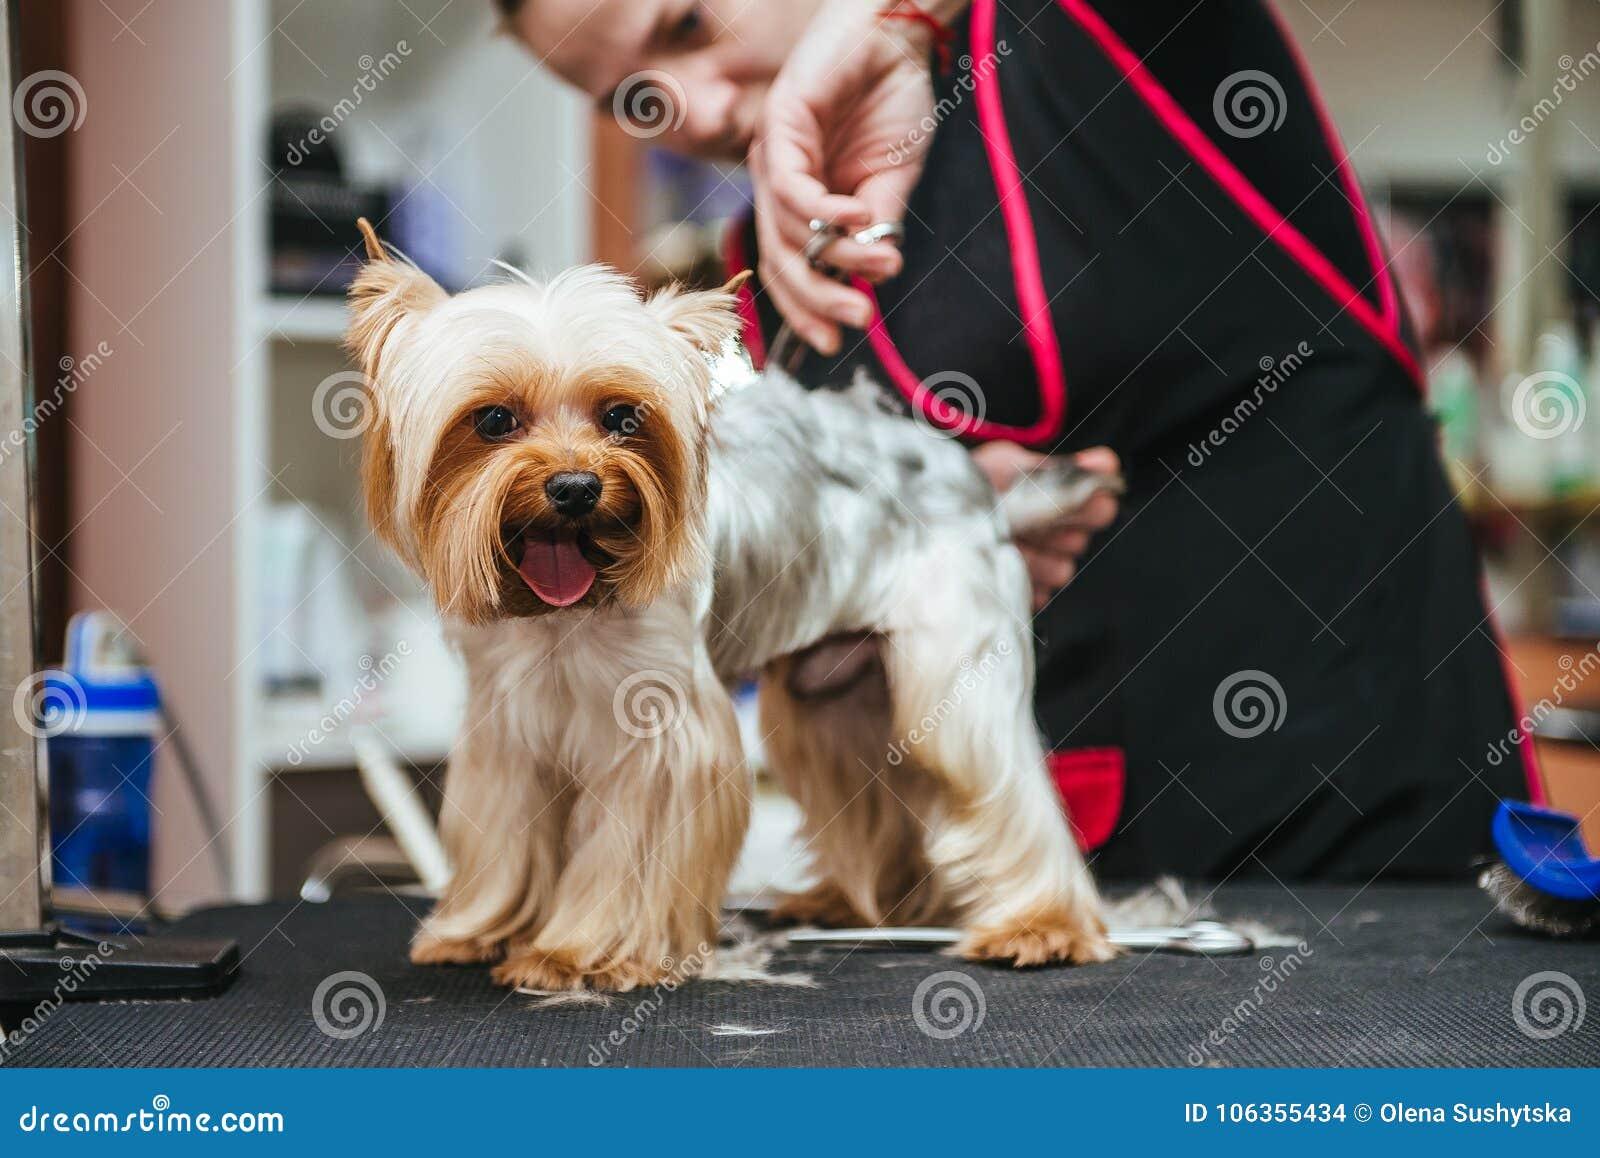 Friseur mäht Pelz Yorkshires Terrier auf dem Ohr mit einem Trimmer